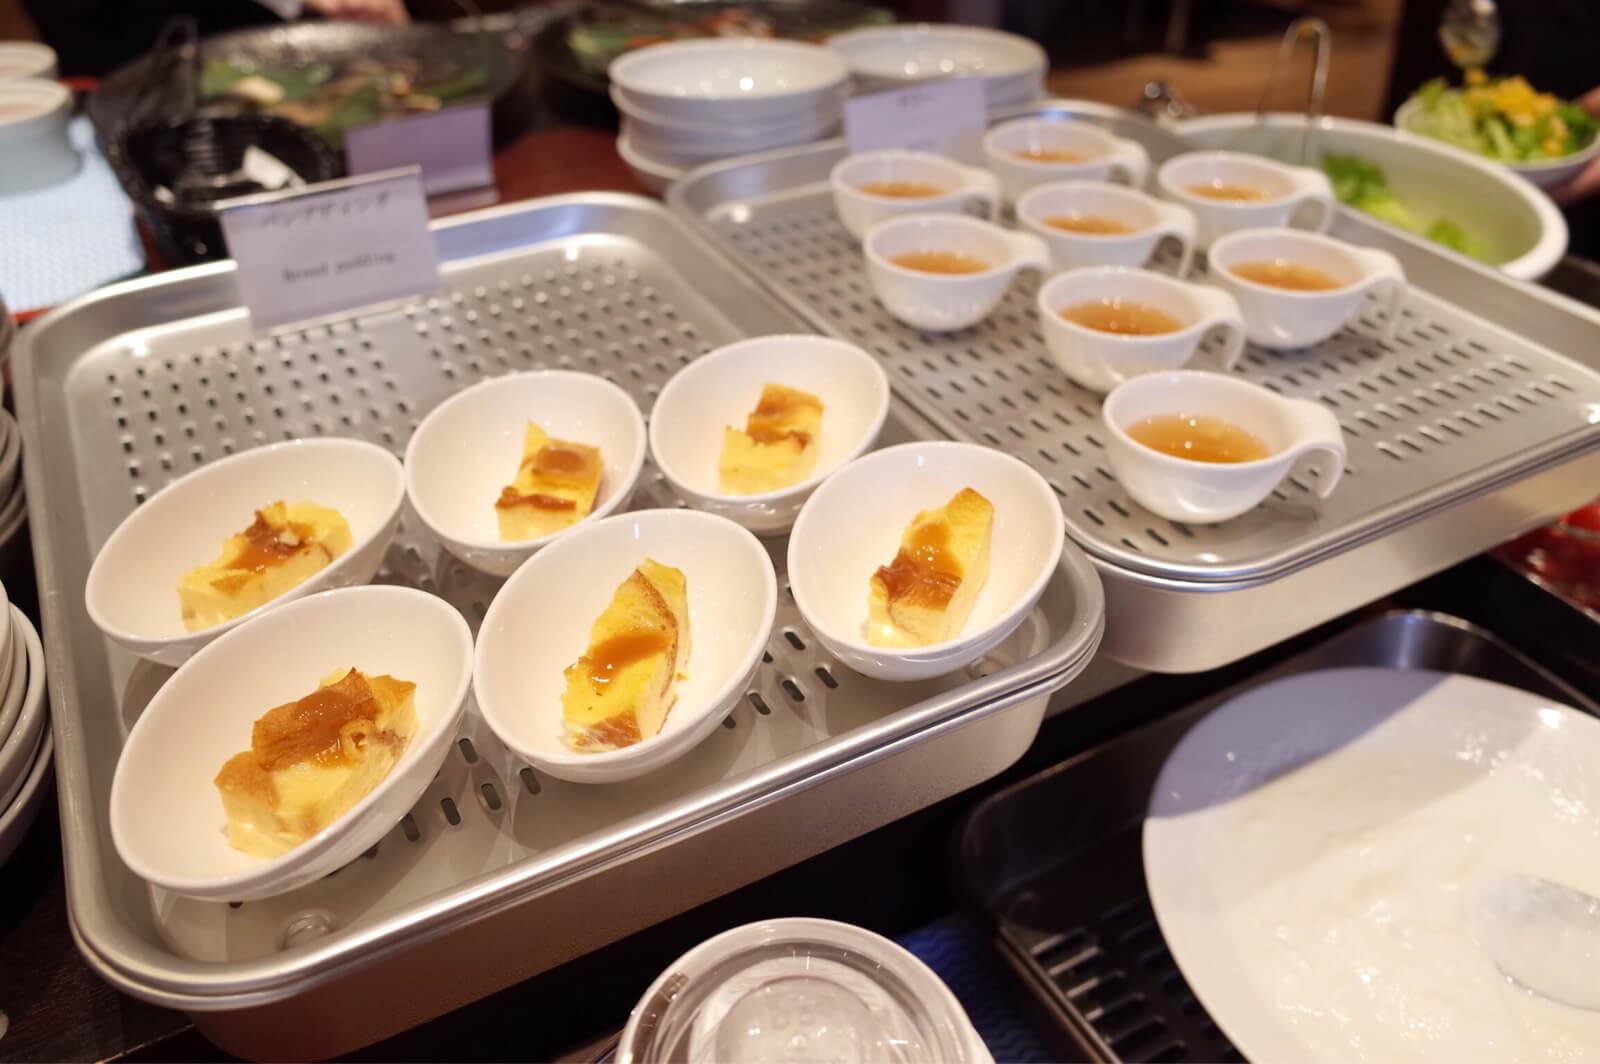 ダイワロイネット 北浜 朝食 ブッフェ デザート